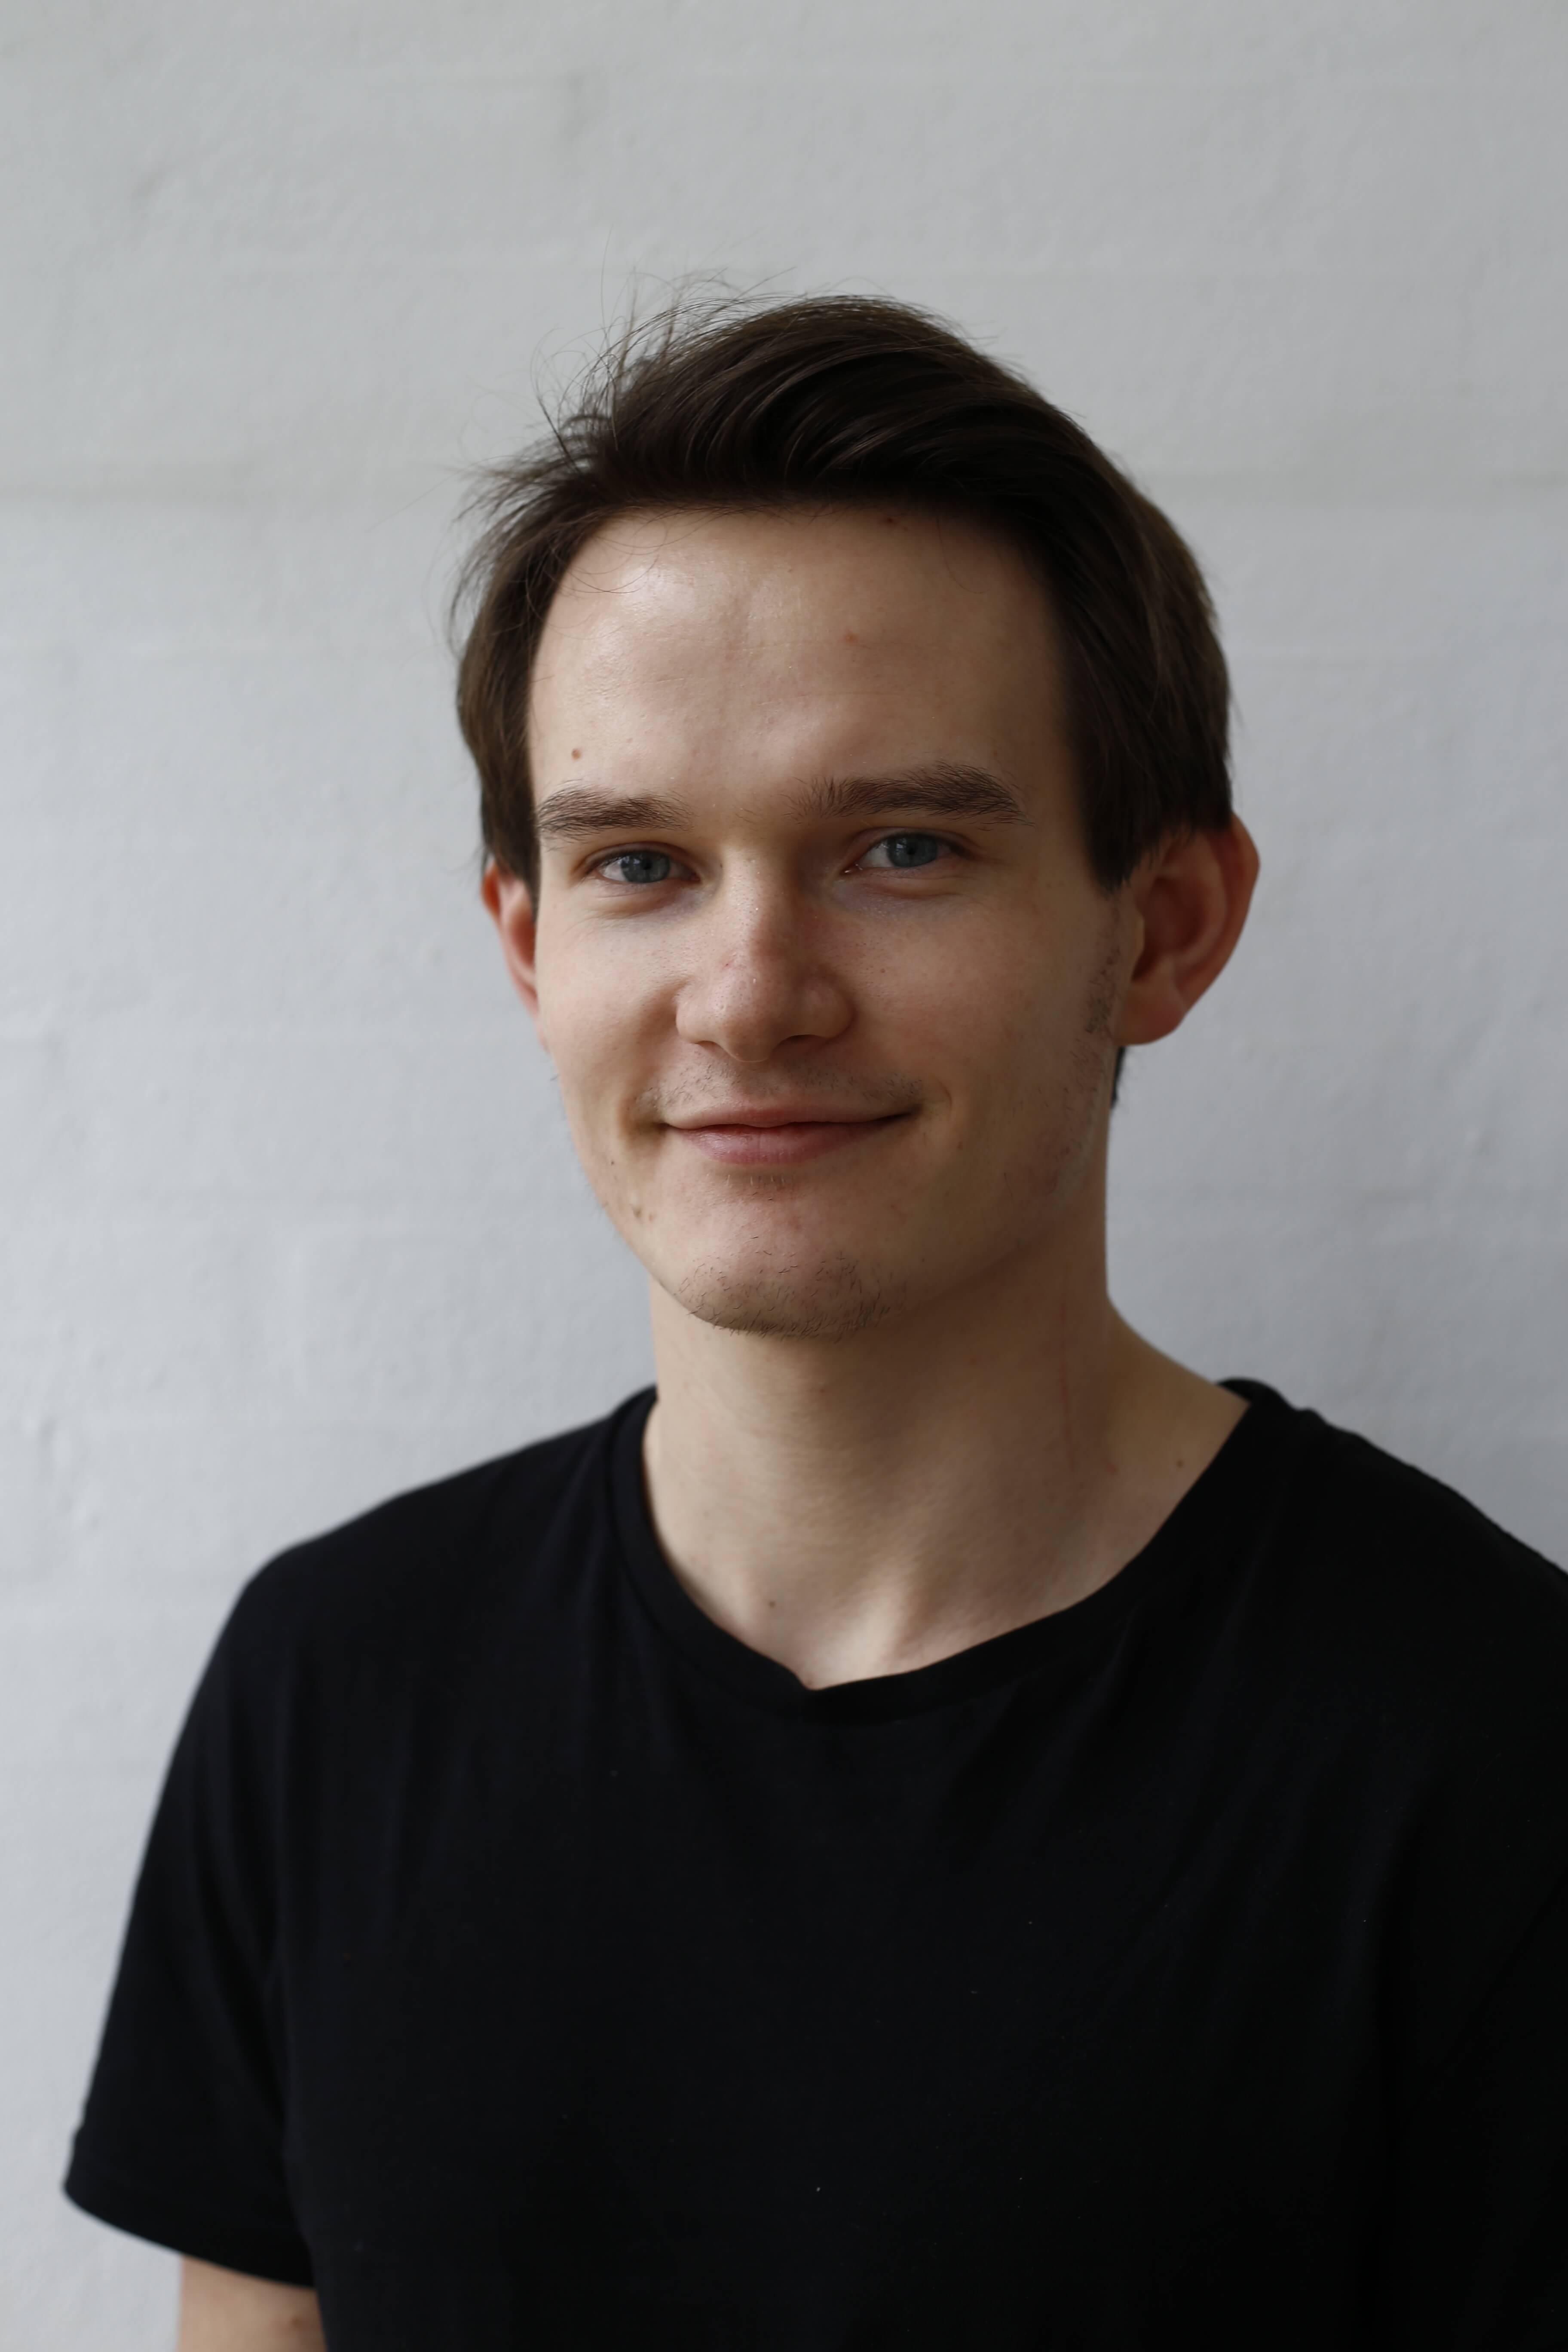 Christian Østergaard